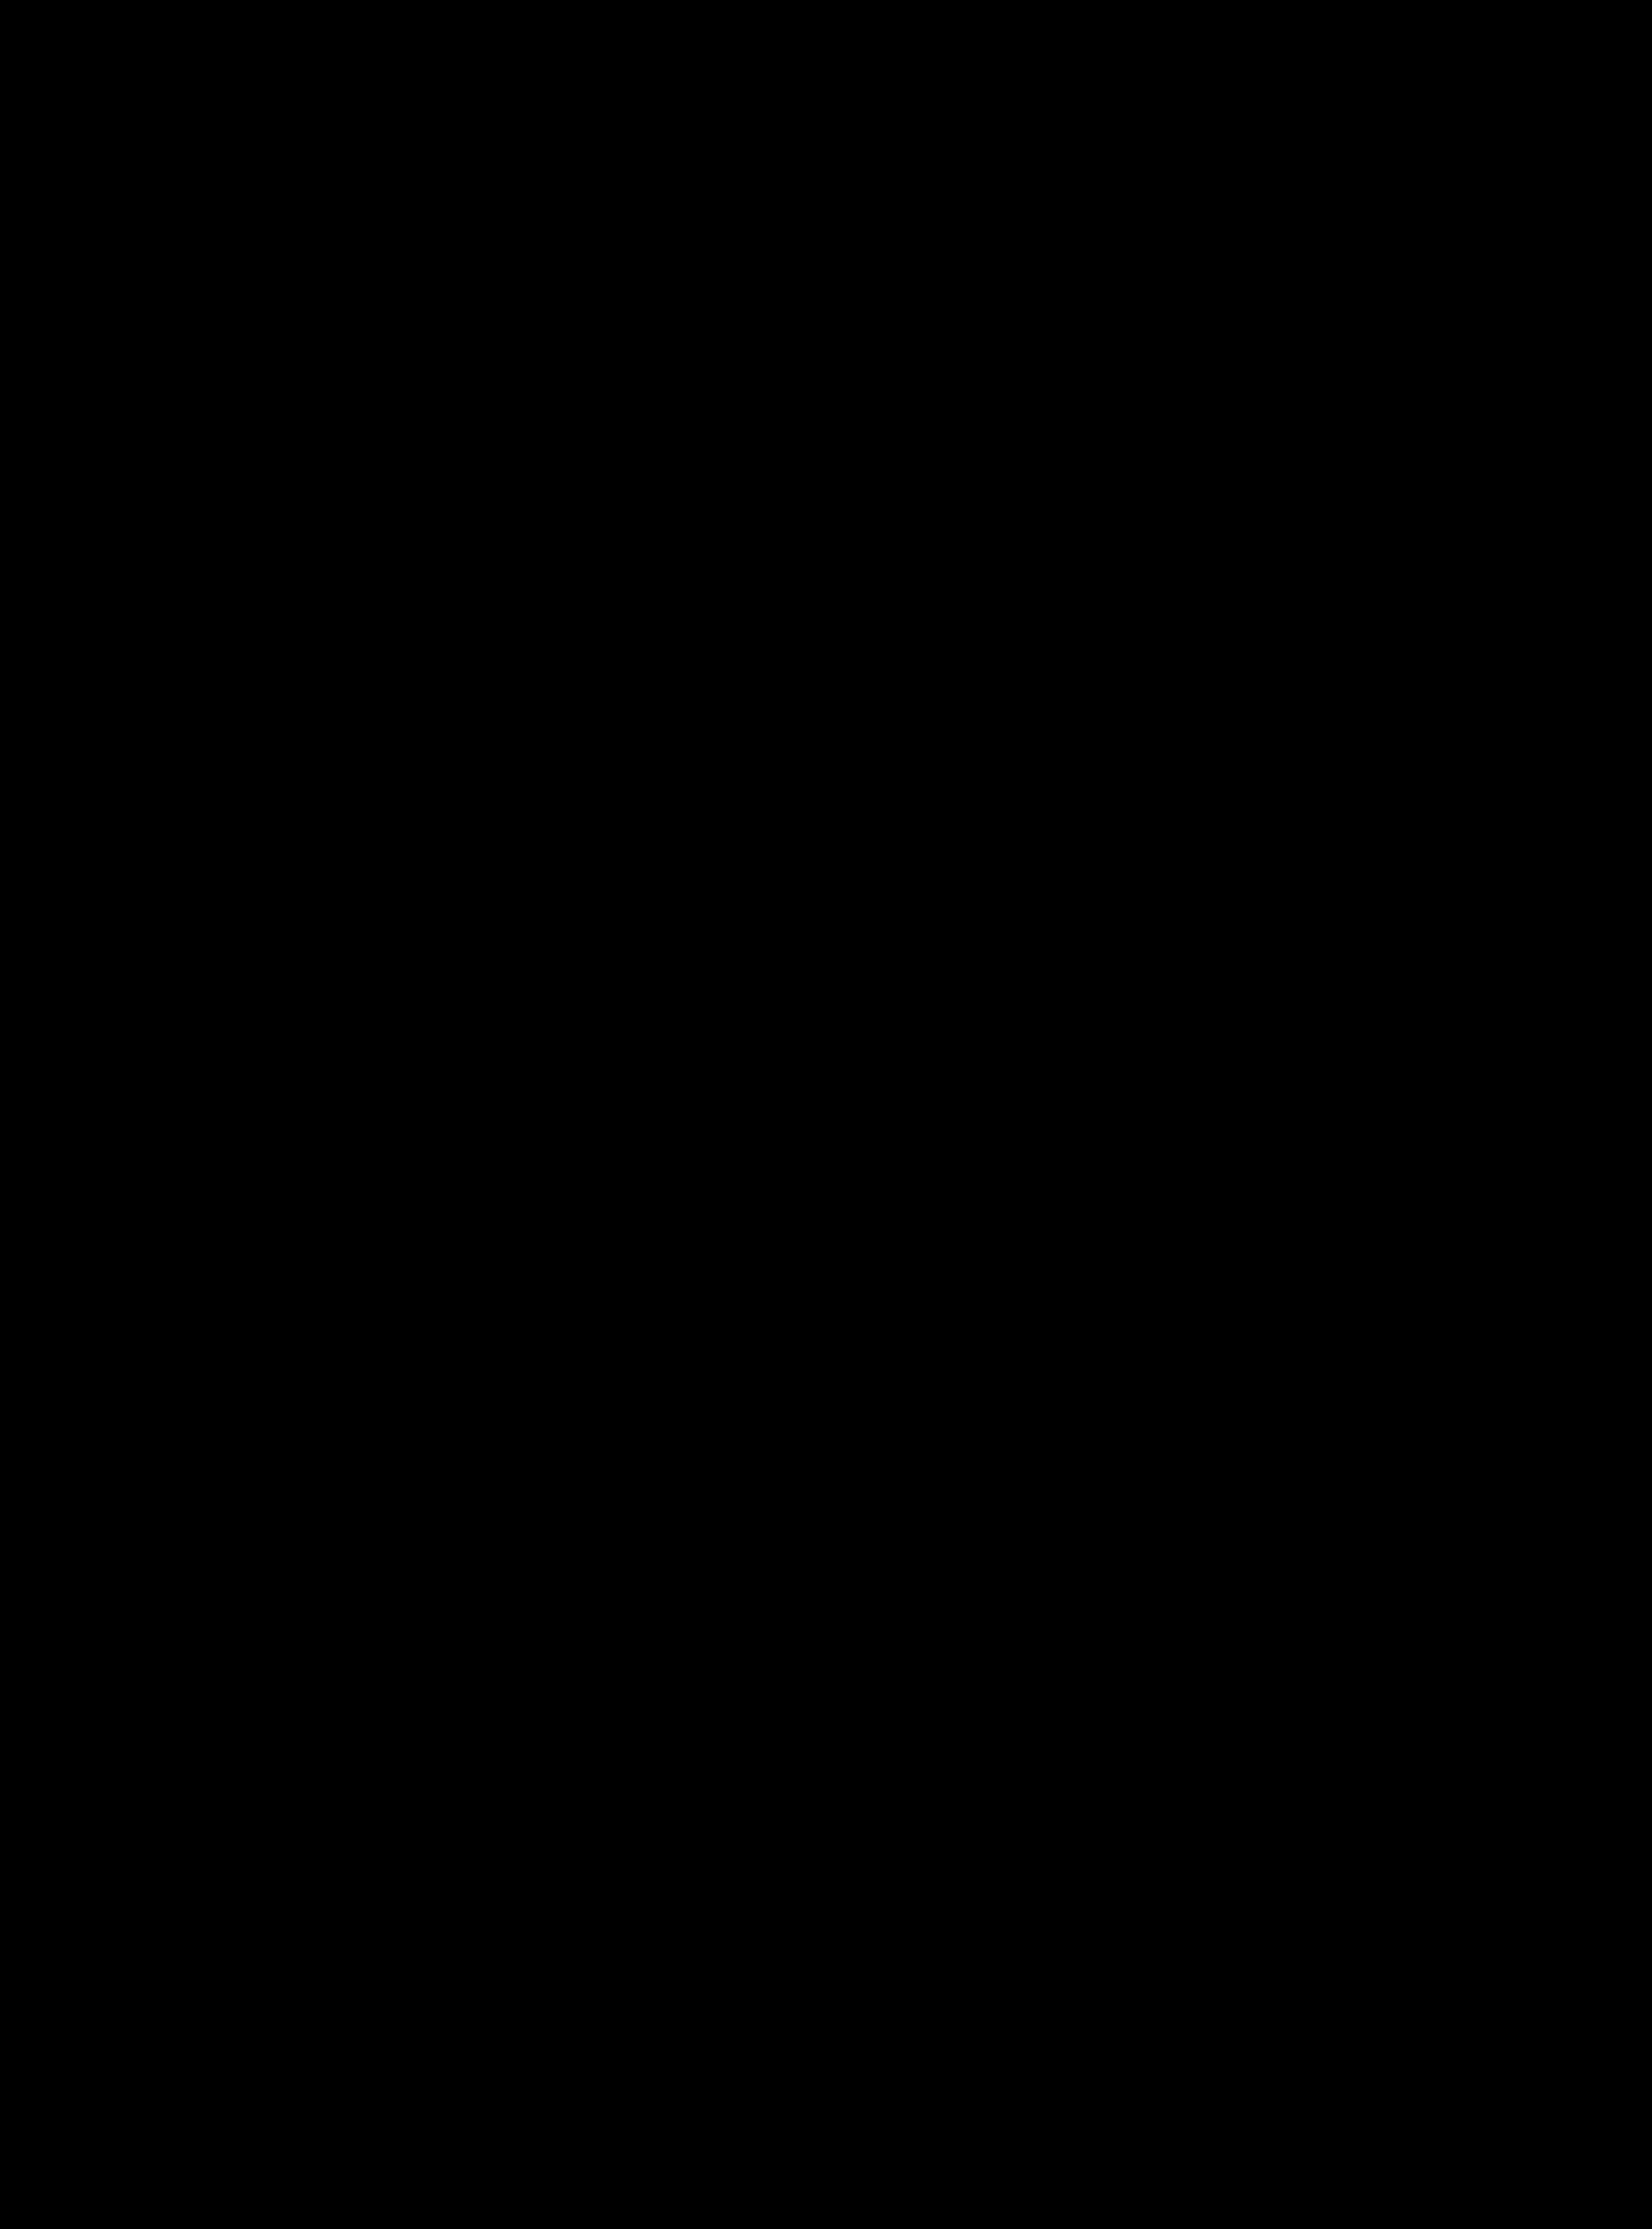 N/A Om døden - e-bog fra bog & mystik